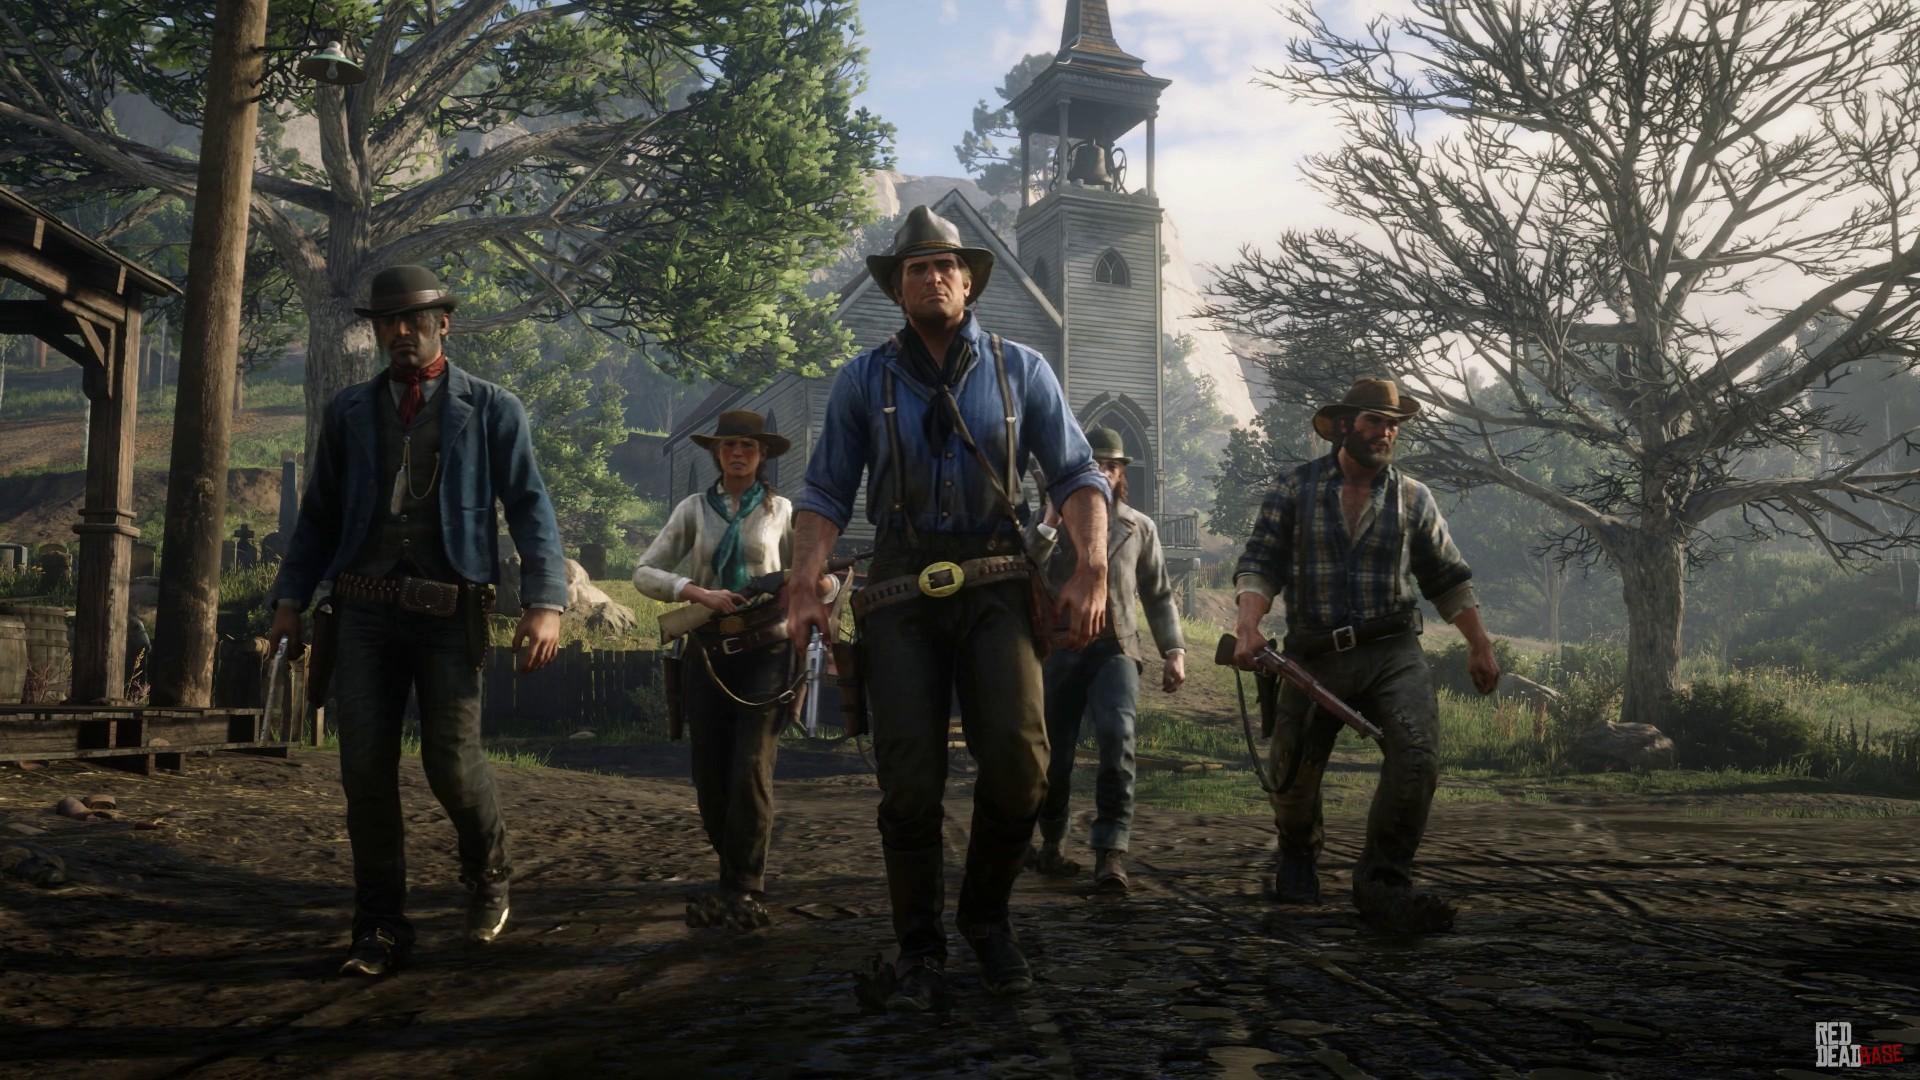 Red Dead Redemption 2, el mejor juego de 2018 sin premio pero que fijó un nuevo estándar en la industria